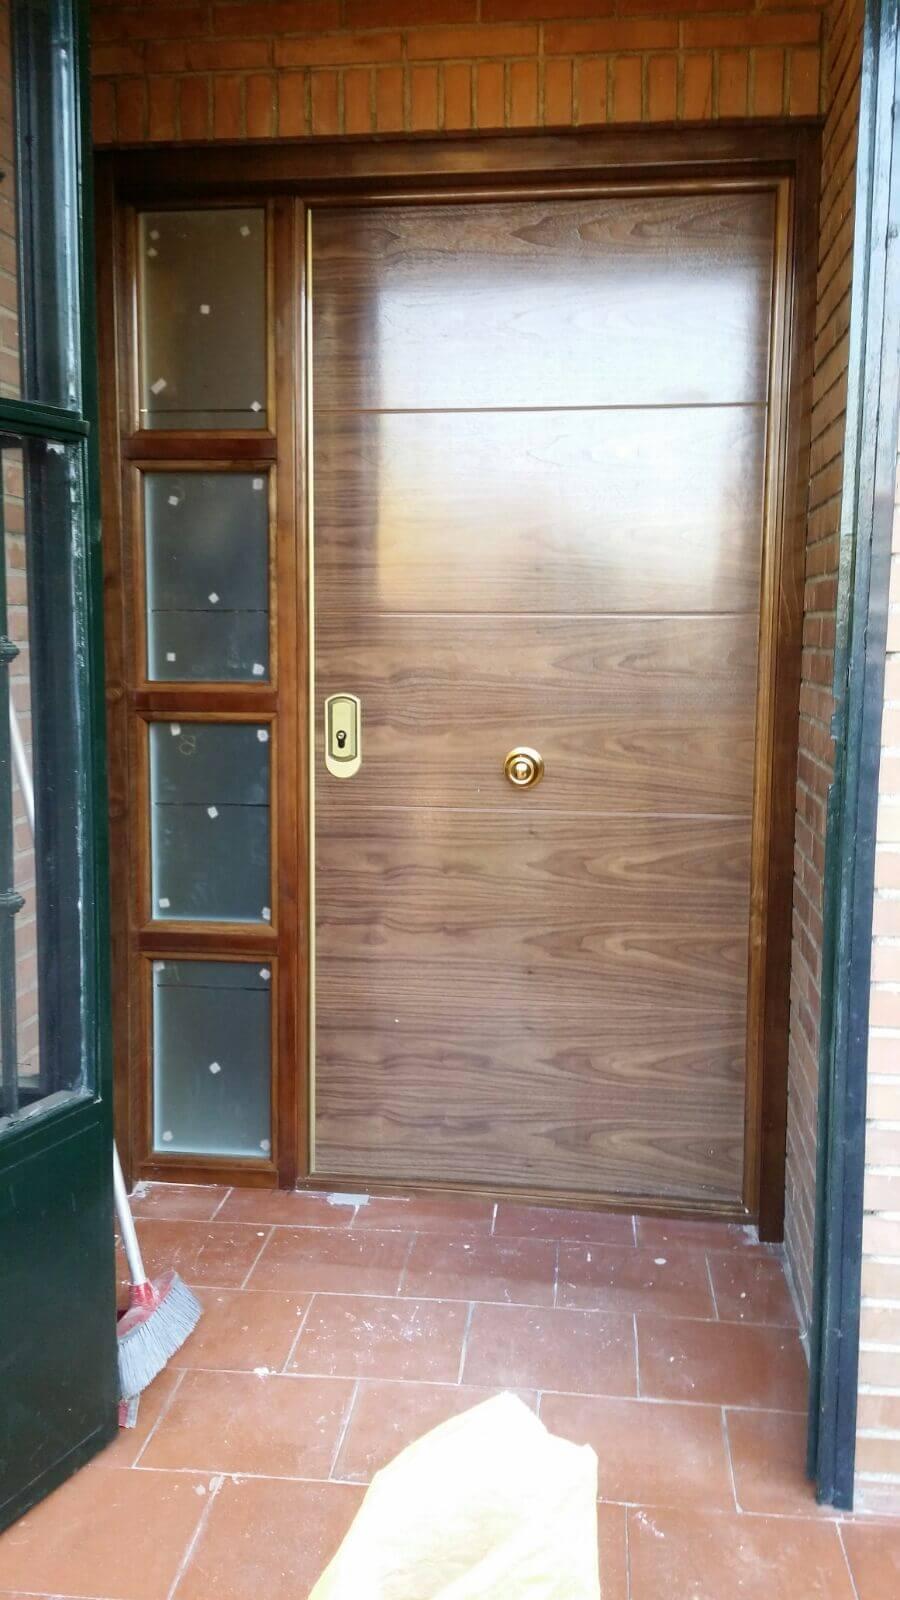 Instalaci n de puertas blindadas y de interior baratas en madrid - Puertas de interior baratas en madrid ...